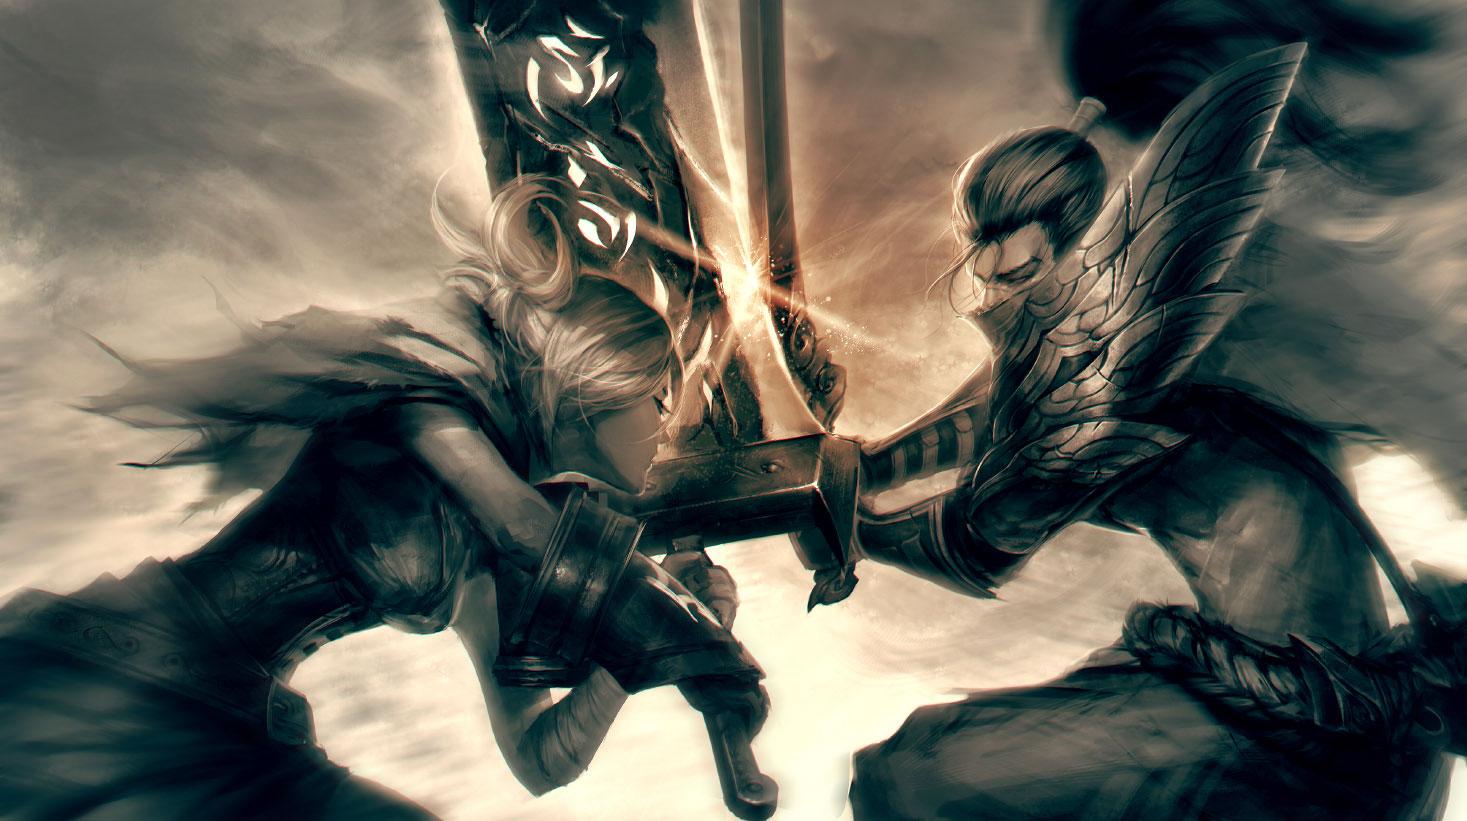 玩家精美作品 疾风剑豪与放逐之刃的世纪之战